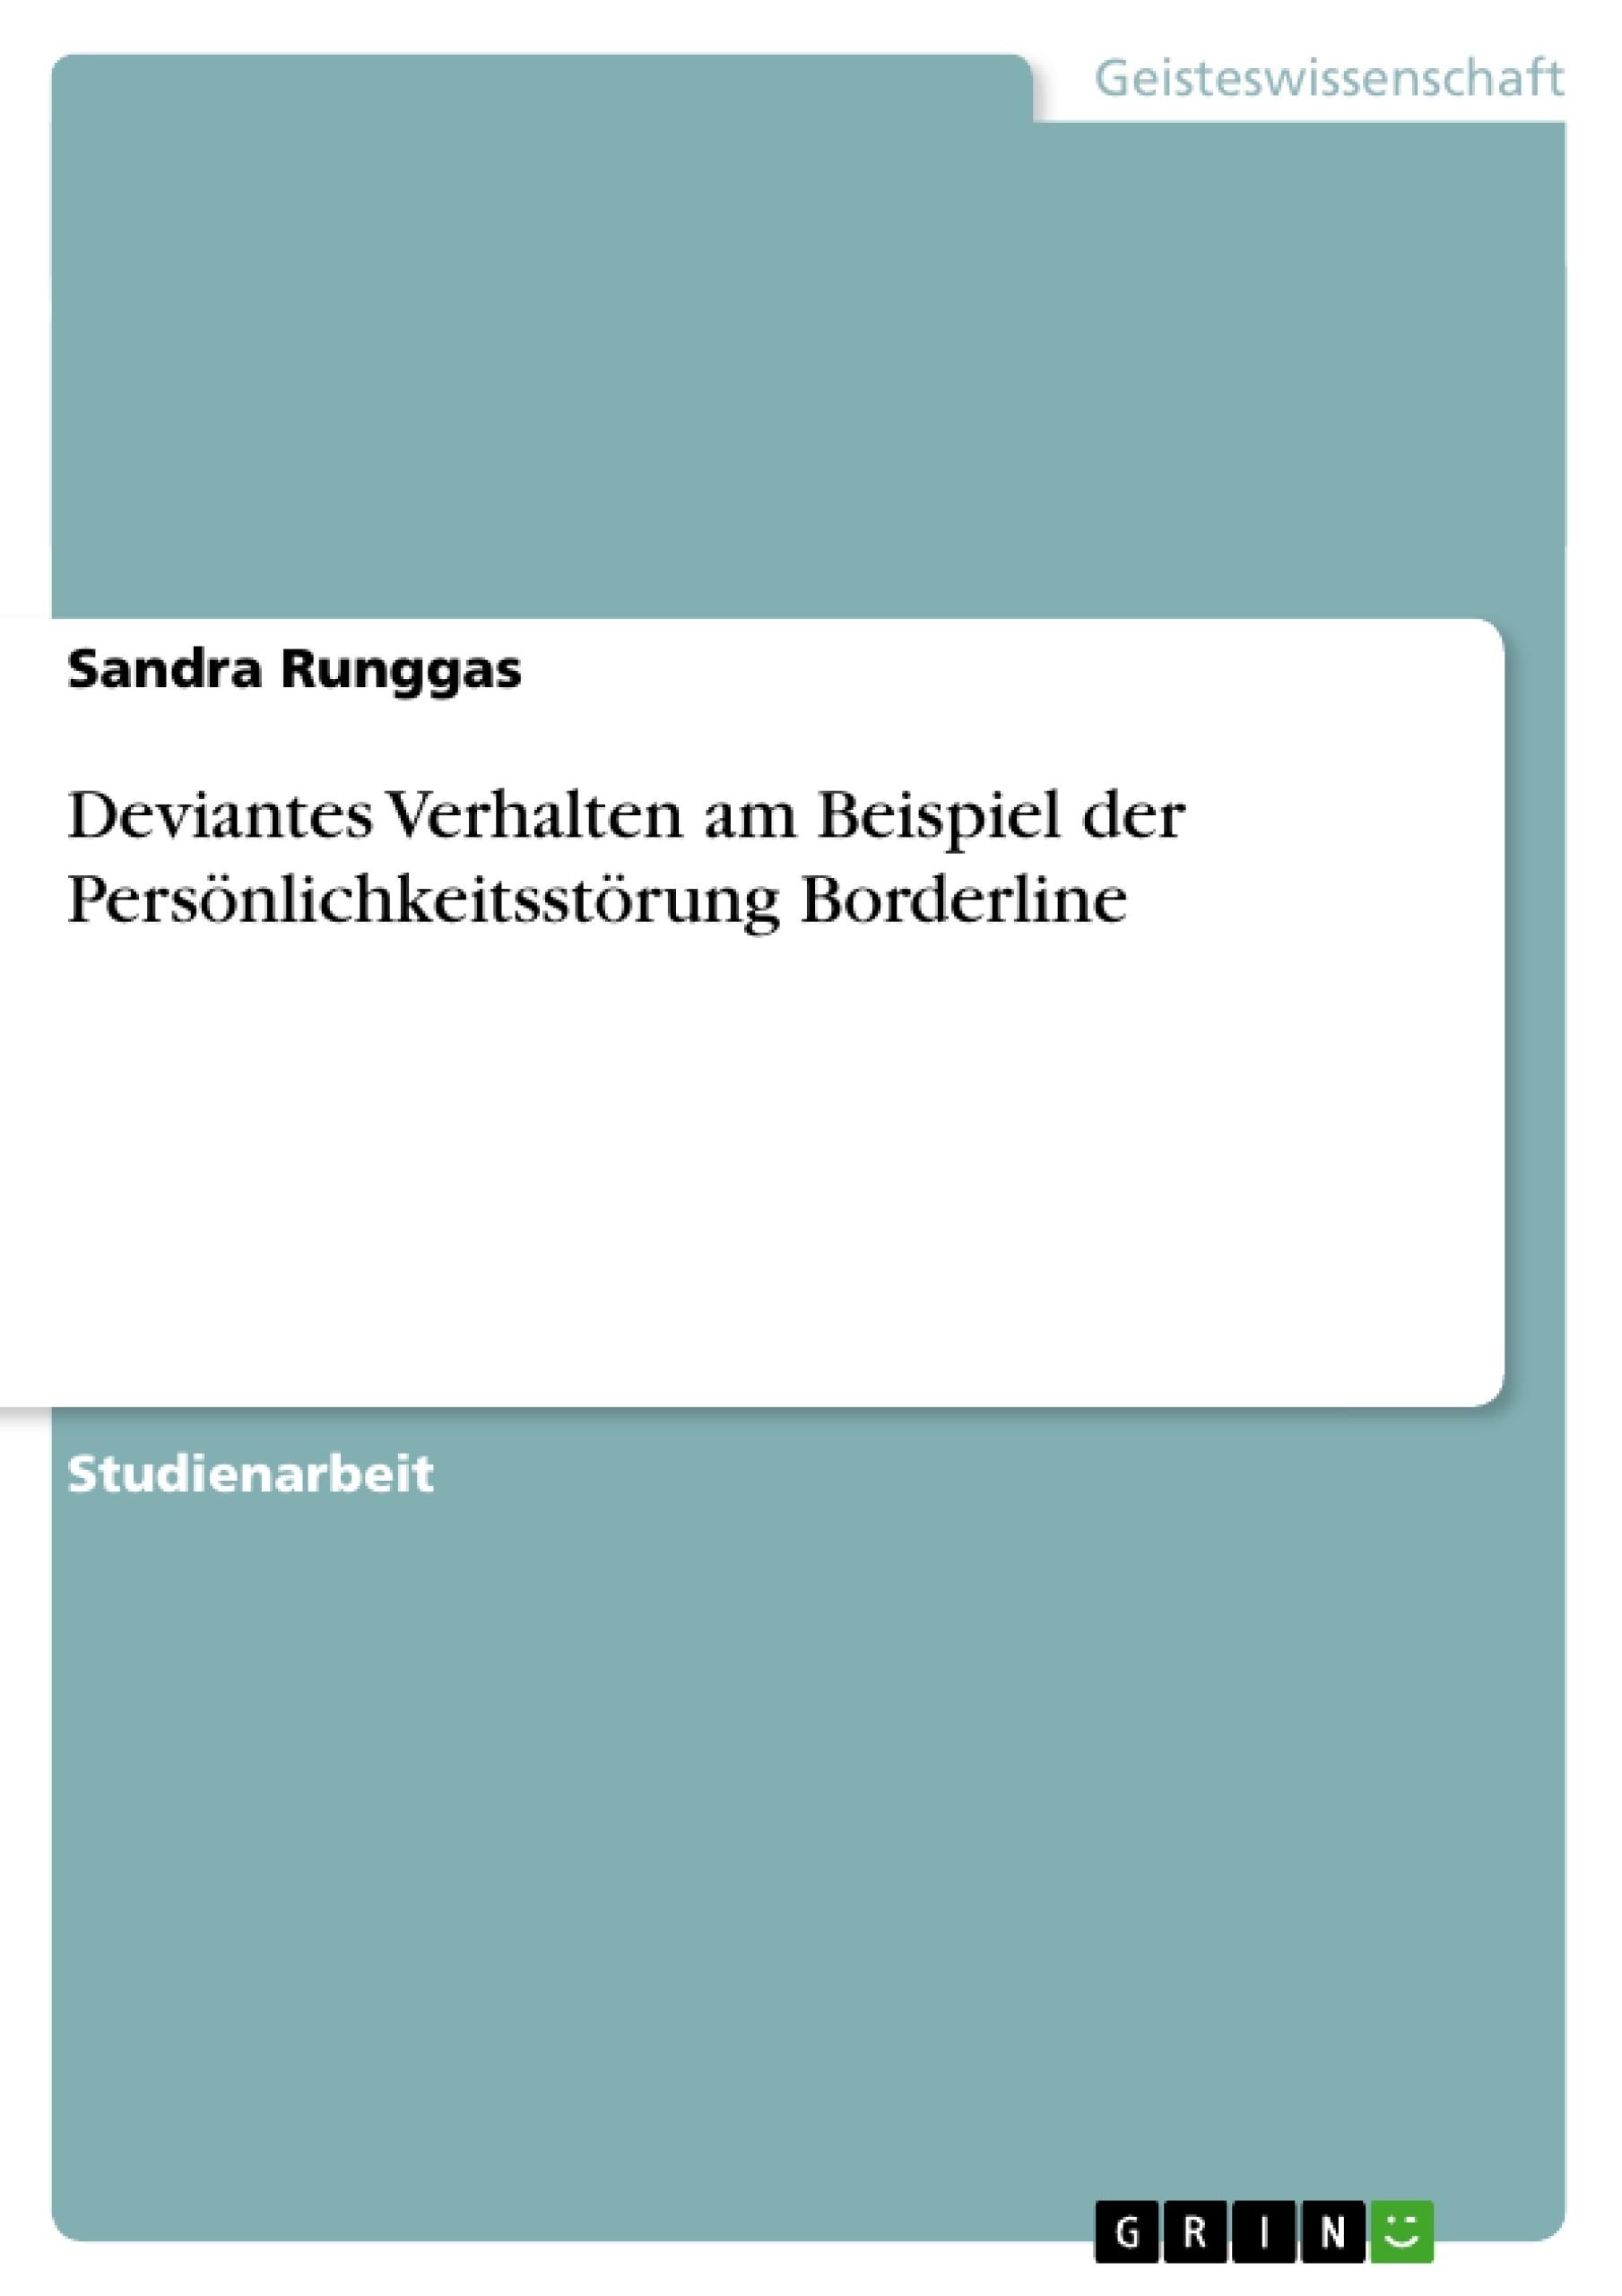 Titel: Deviantes Verhalten am Beispiel der Persönlichkeitsstörung Borderline